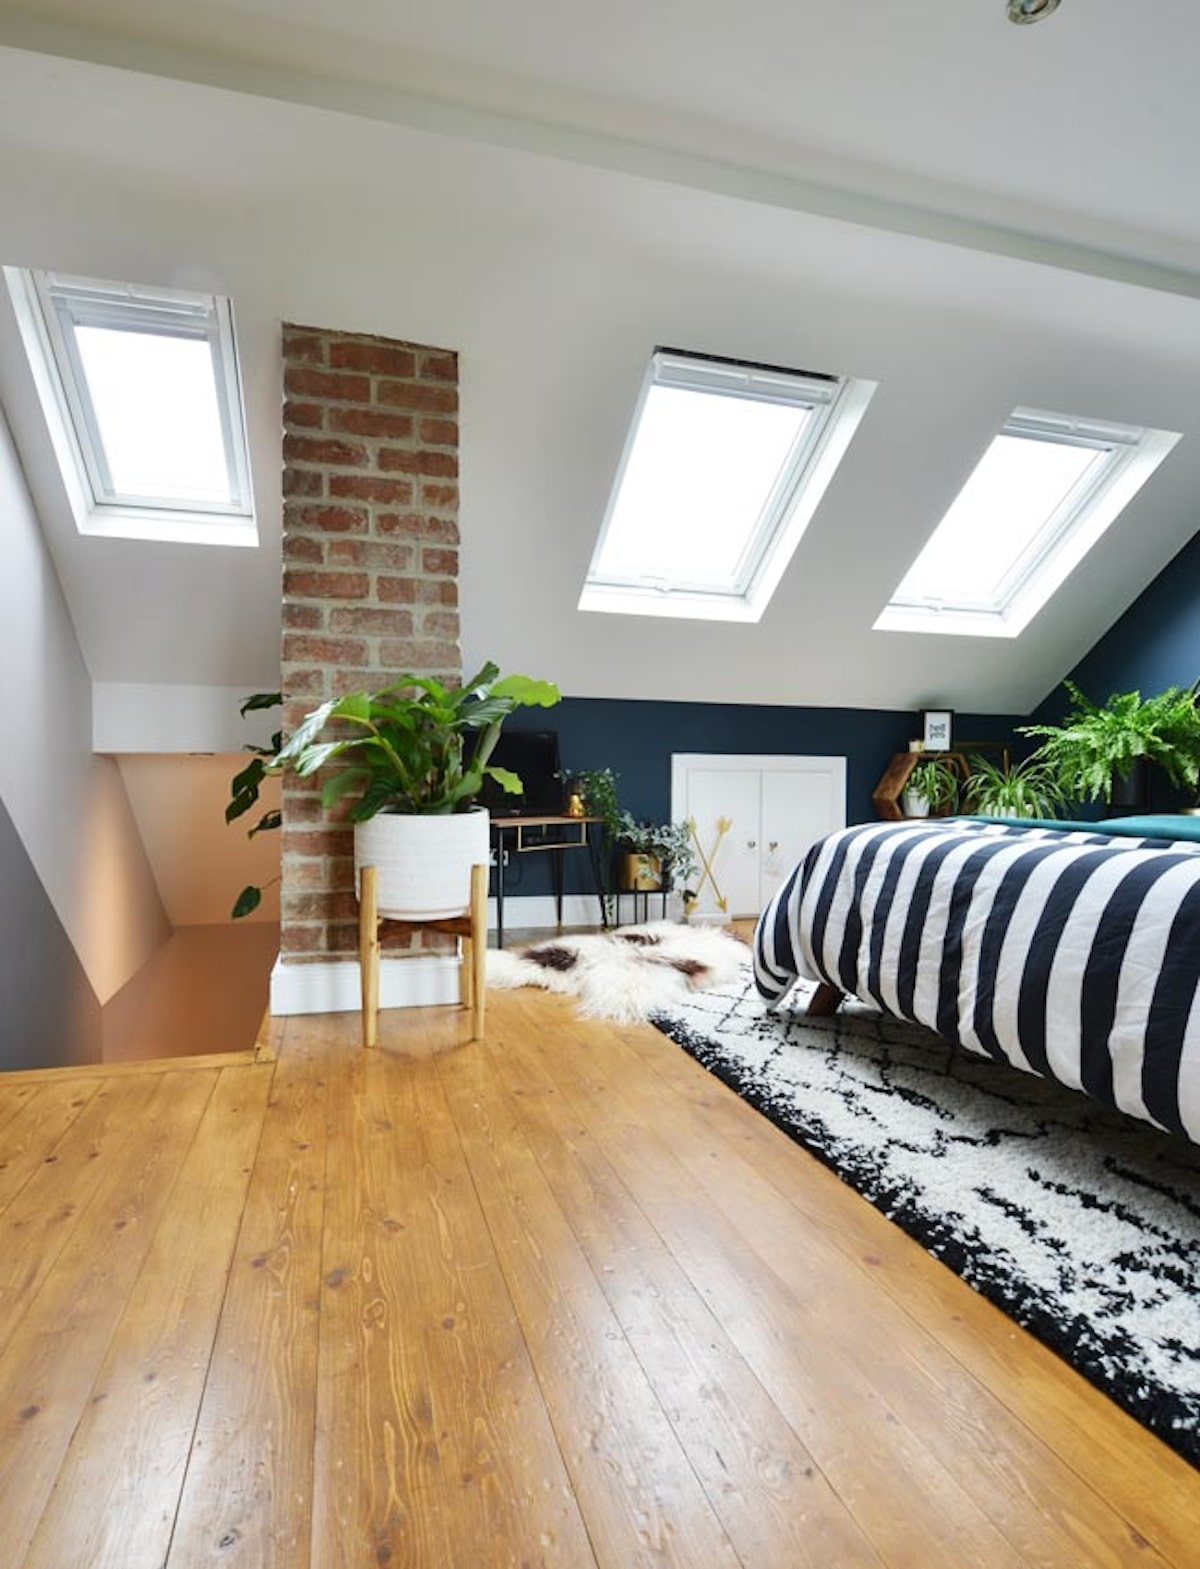 VELUX fenêtre de toit aménager comble chambre design parquet bois - blog déco - clemaroundthecorner